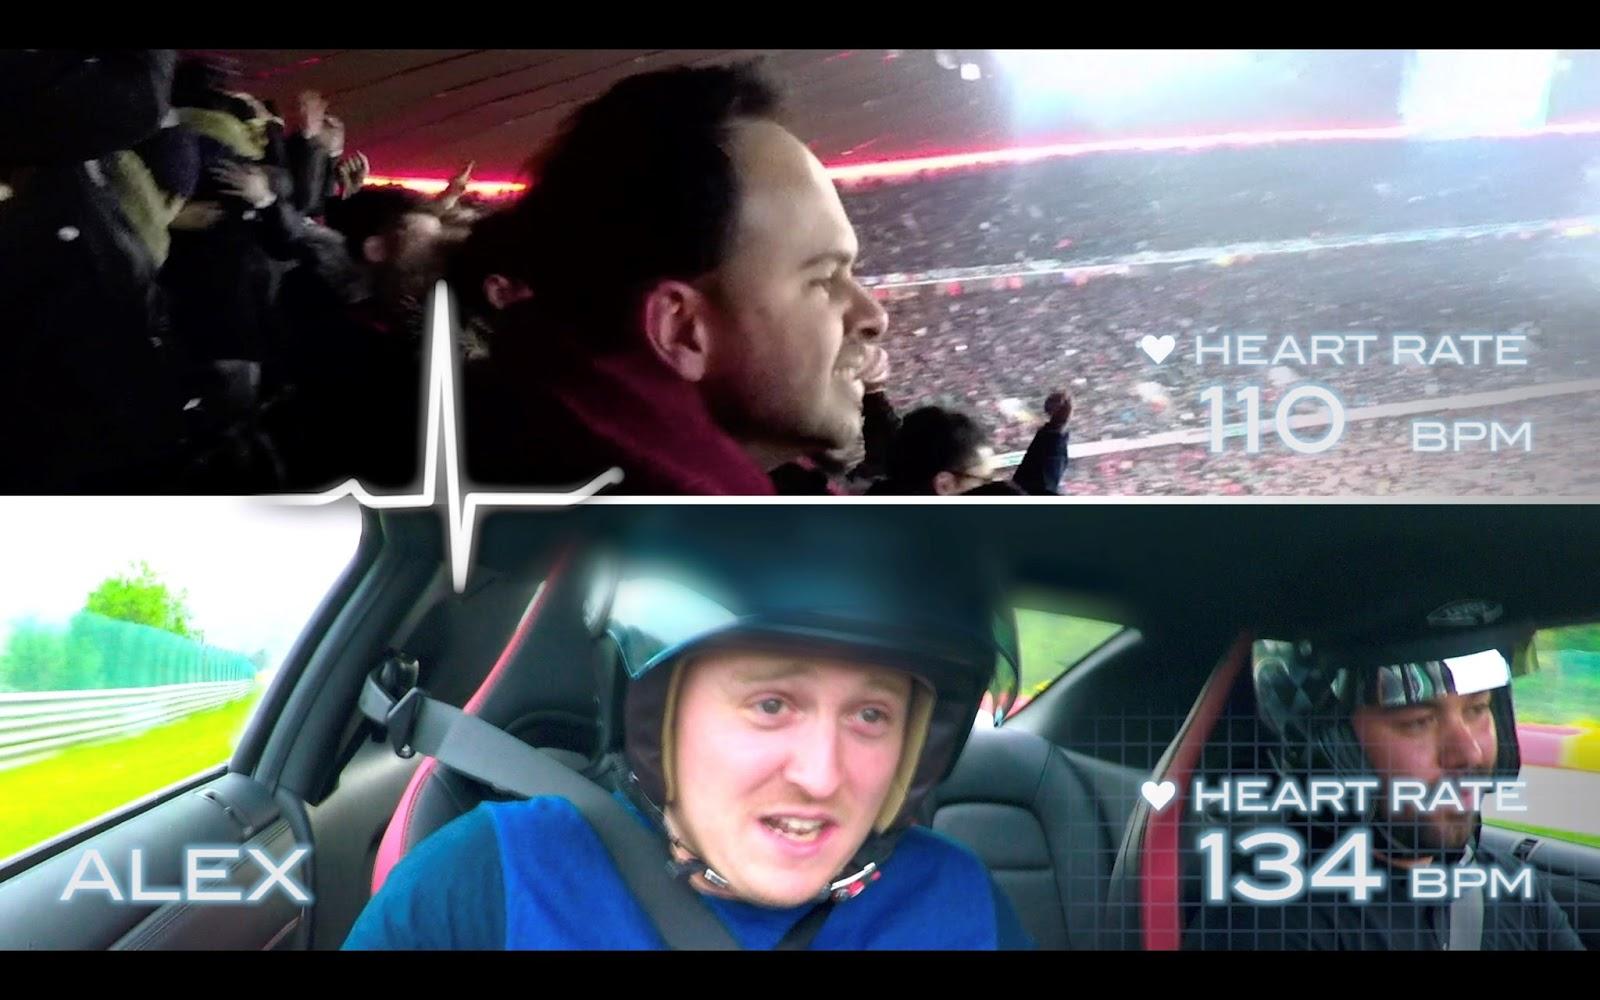 Ο τελικός του UEFA Champions League έρχεται, ο ενθουσιασμός ανεβαίνει Fun, Nissan, Nissan GT-R, UEFA Champions League, videos, Τεχνολογία